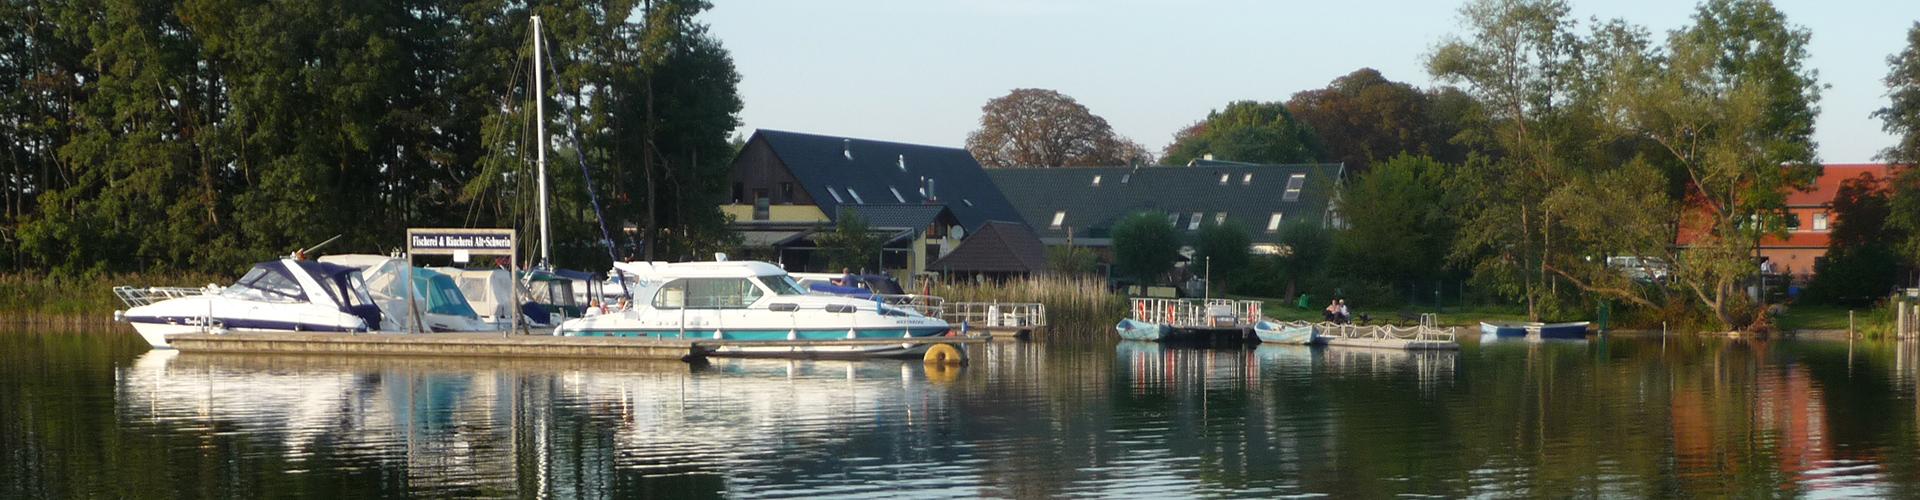 Bootshafen Alt-Schwerin